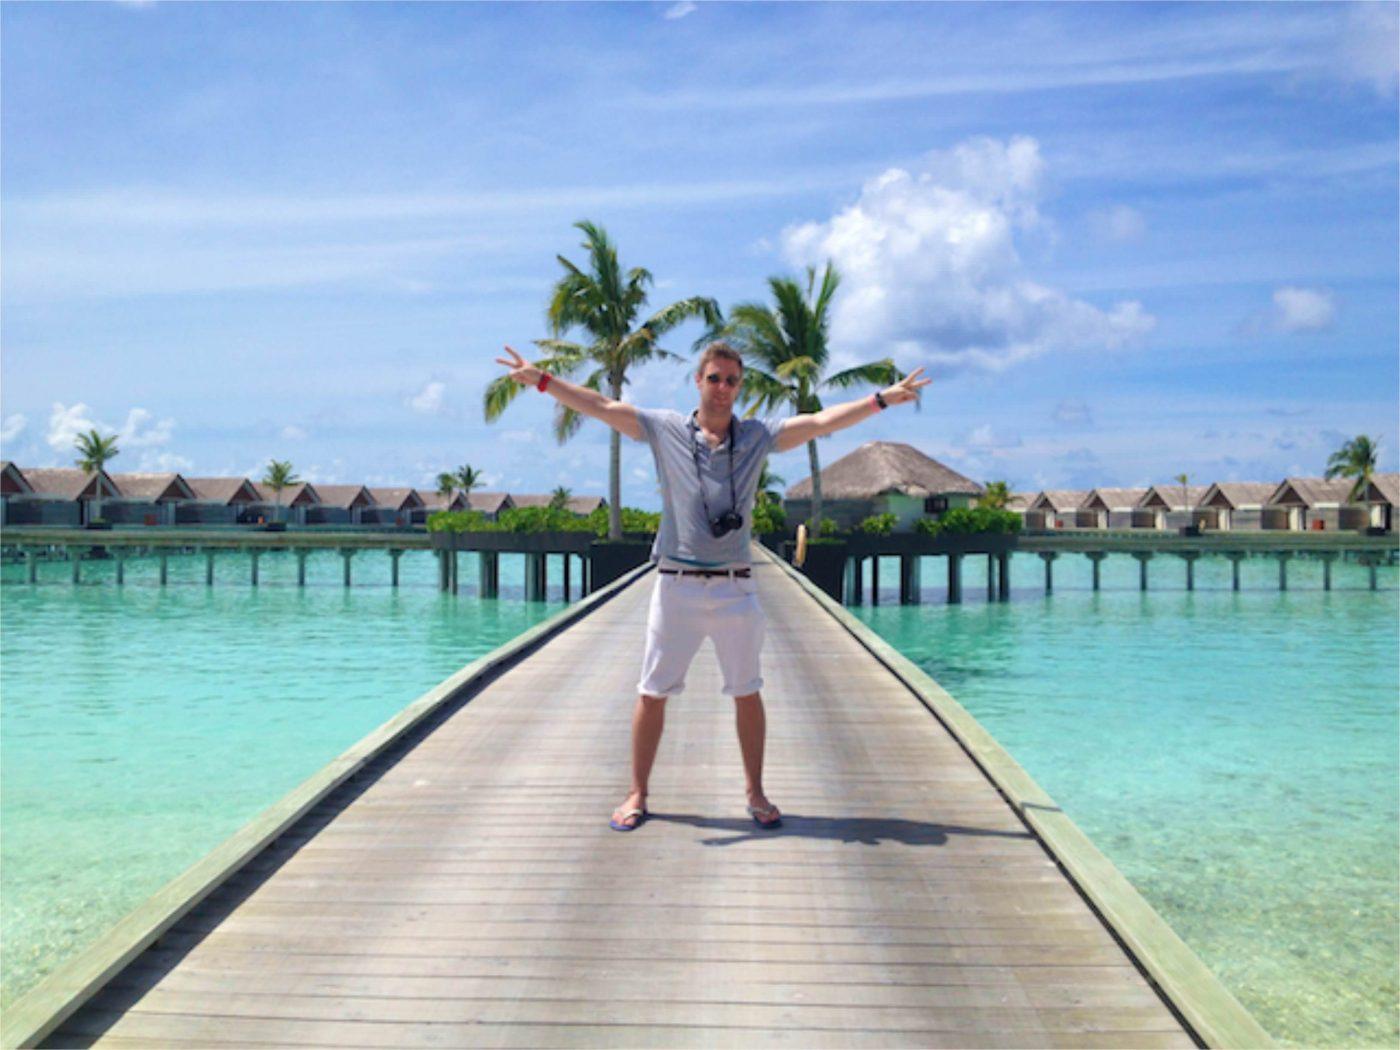 我的第100个国家;马尔代夫!马尔代夫尼雅玛私人岛屿回顾